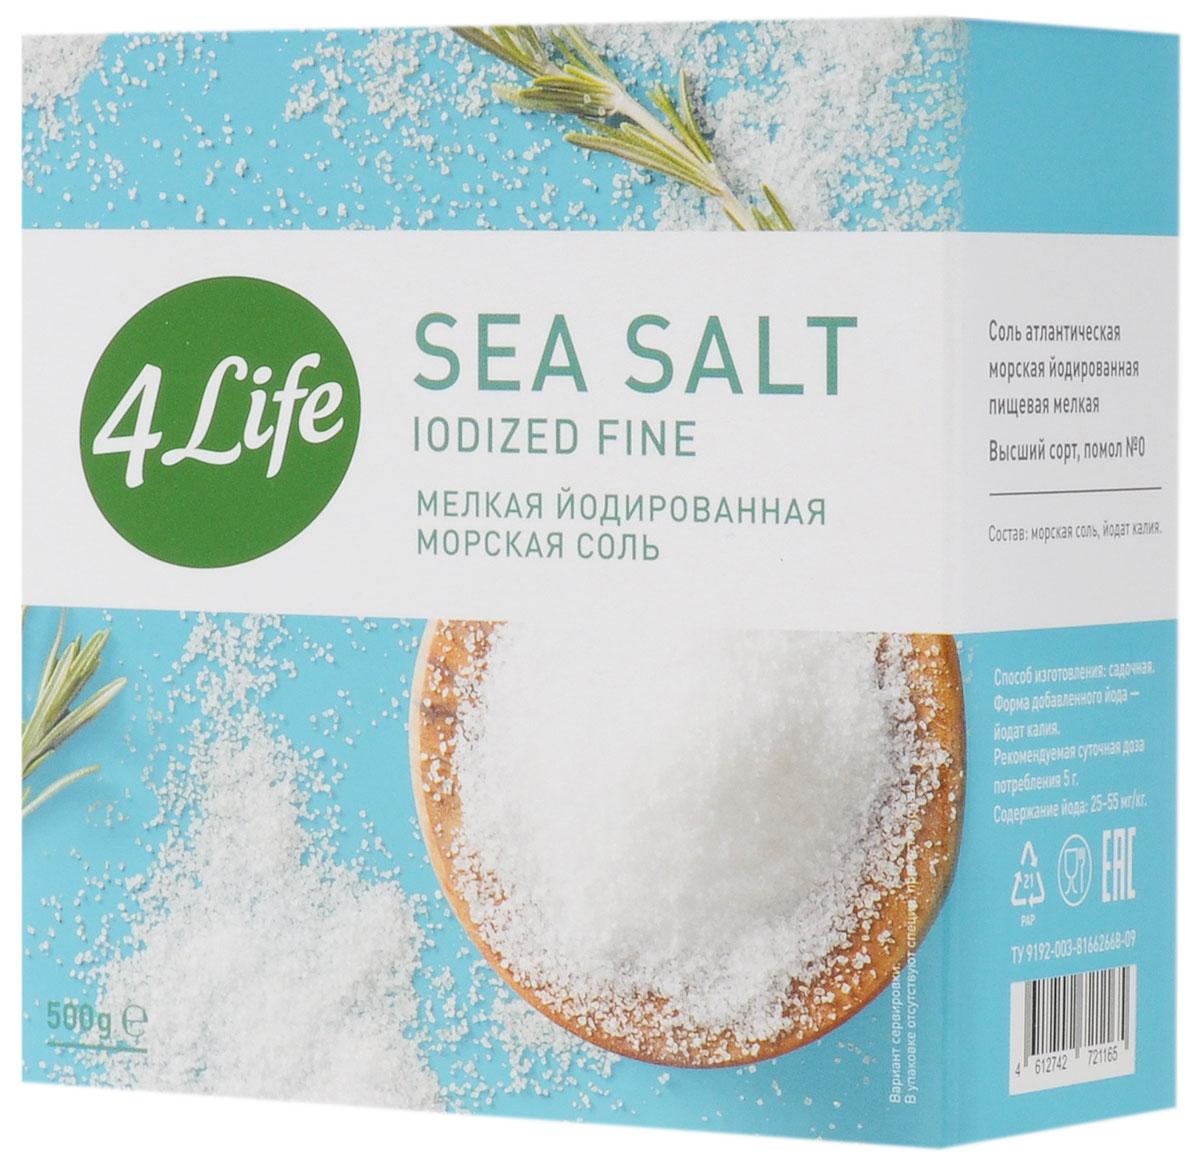 4Life соль морская мелкая йодированная в коробке, 500 г бтв007